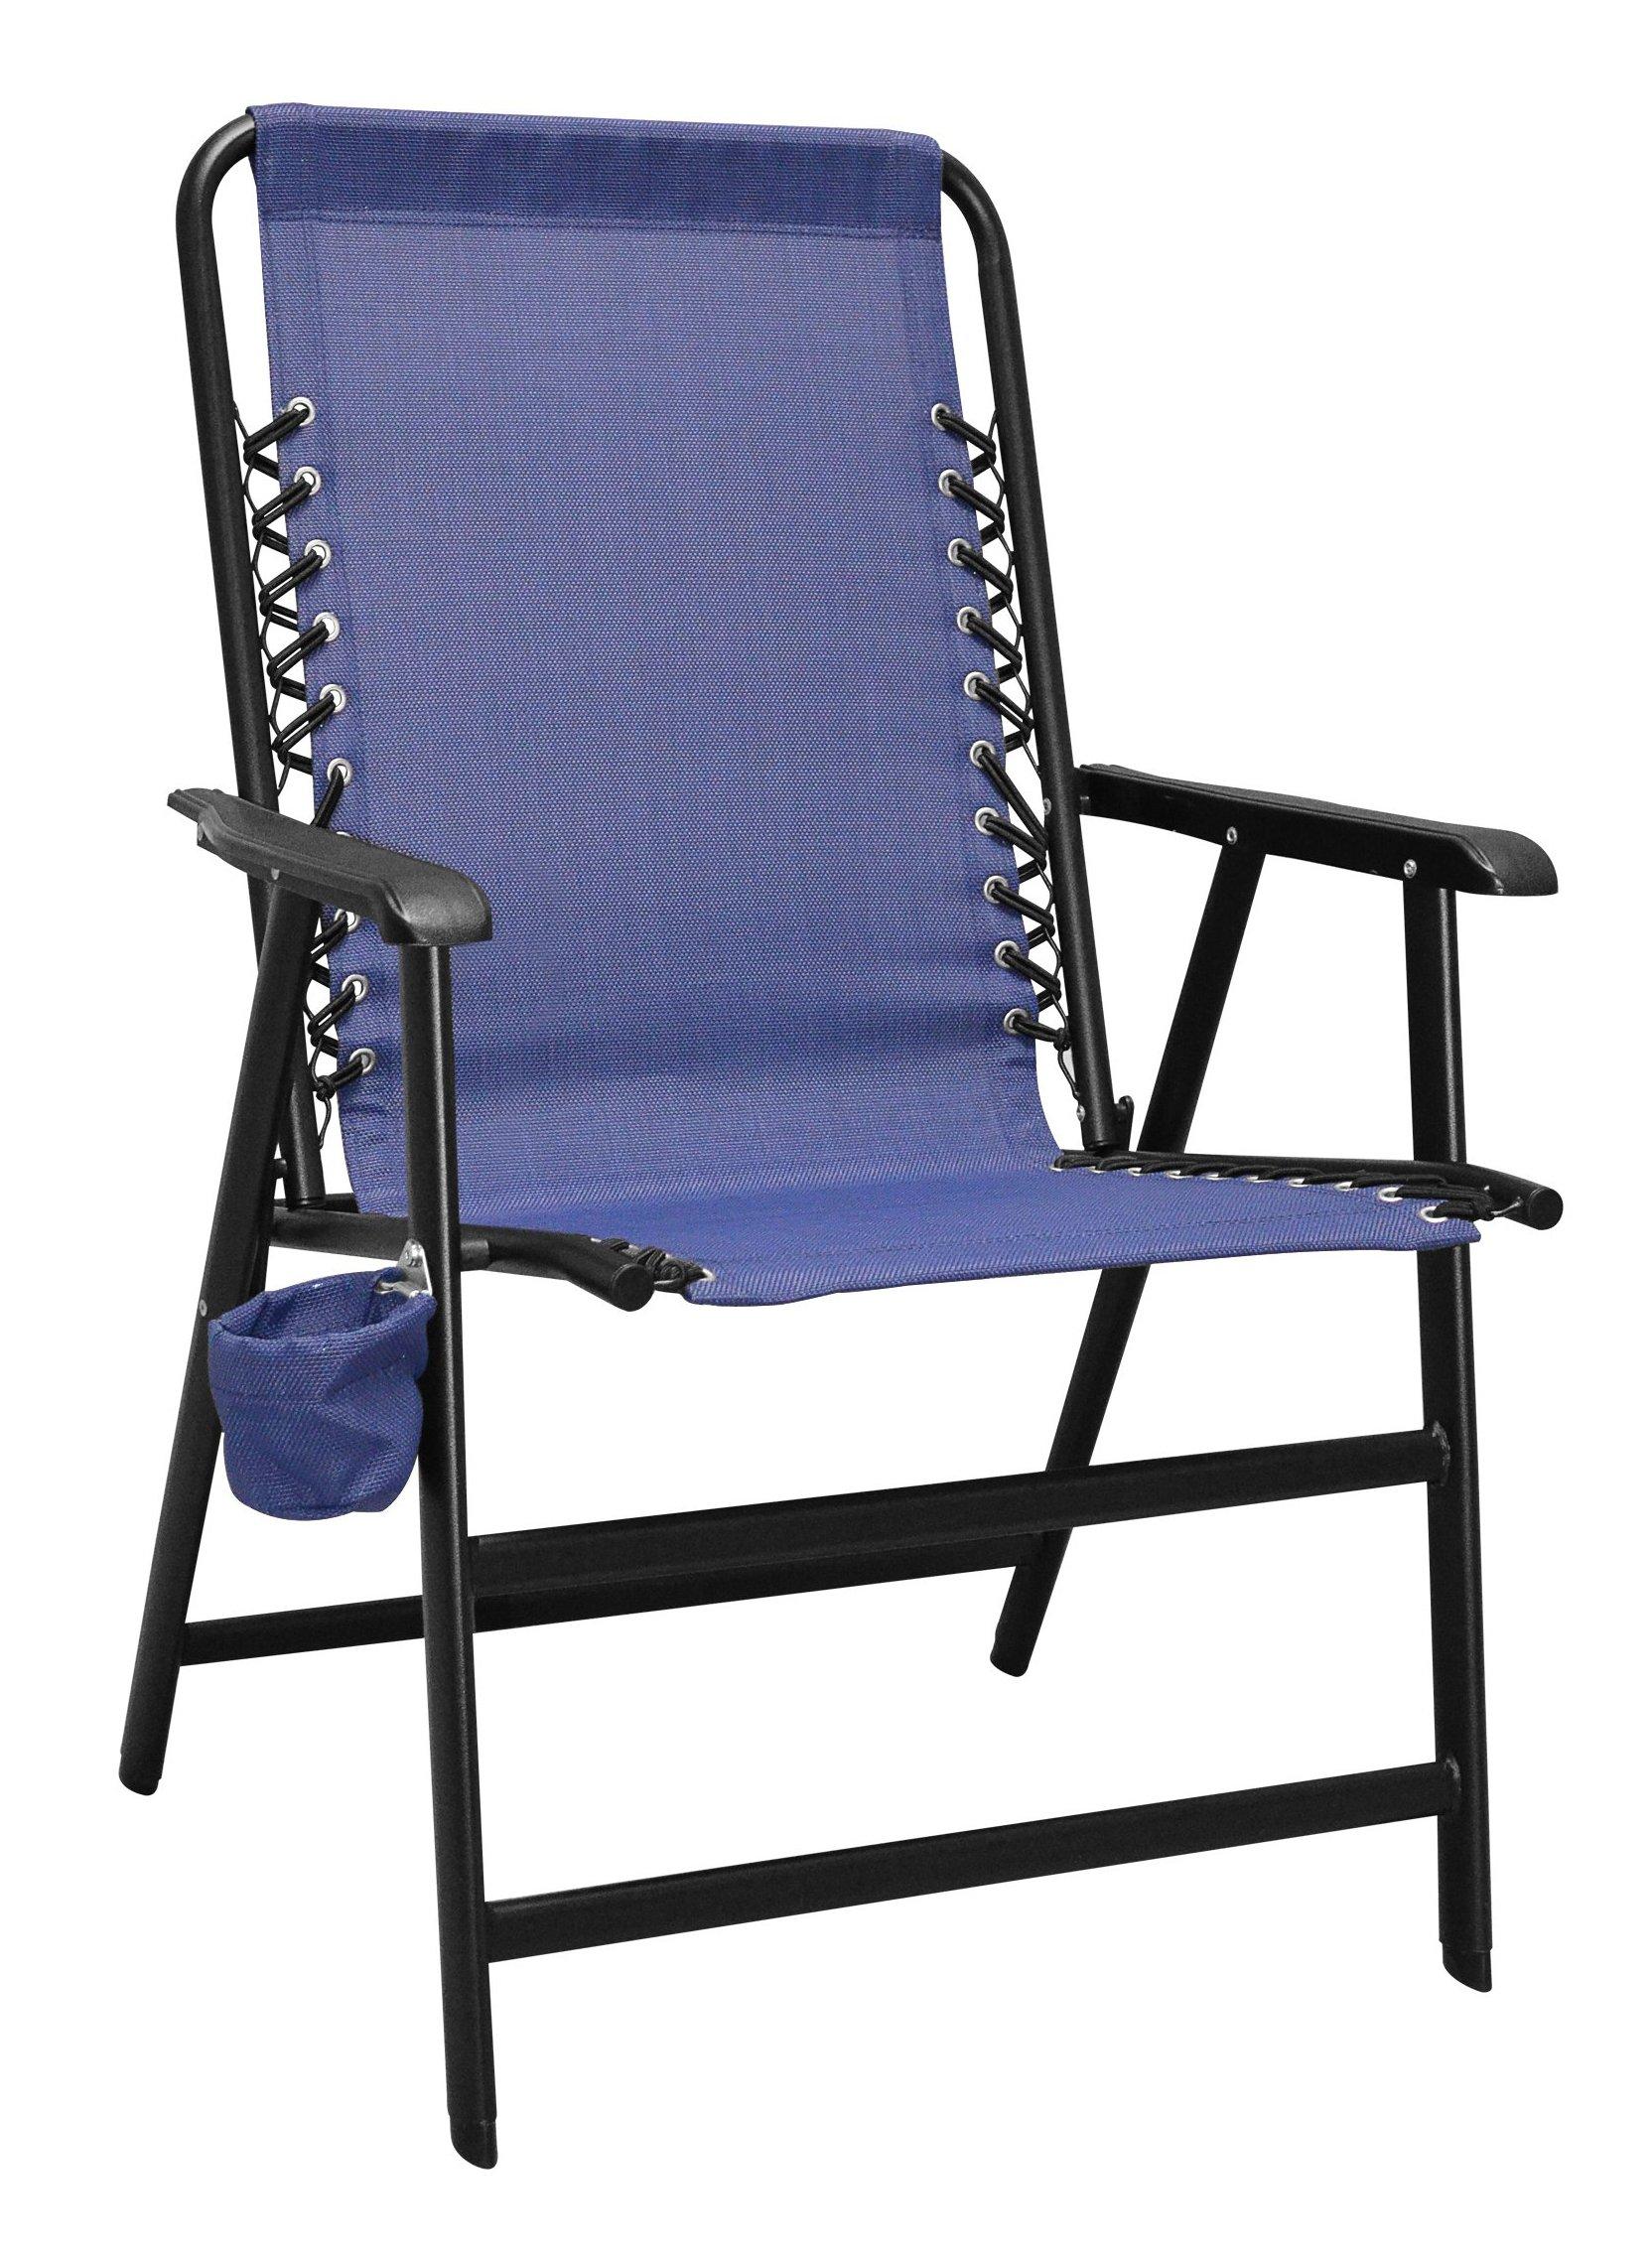 Caravan Canopy Sport Suspension Chair, X-Large, Blue